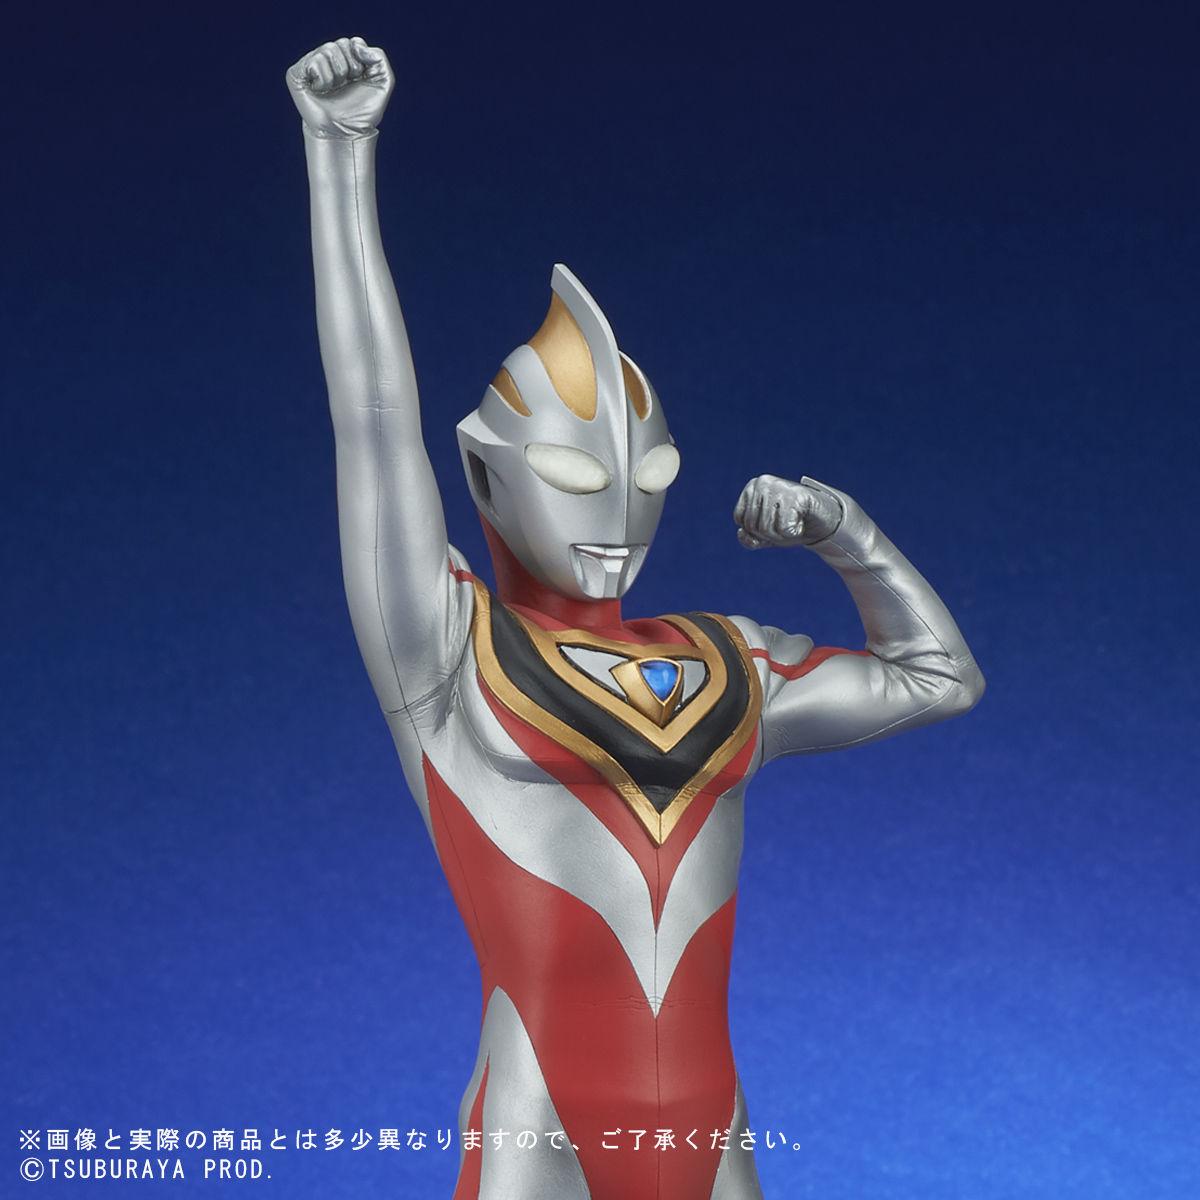 大怪獣シリーズ ULTRA NEW GENERATION『ウルトラマンガイア(V2)登場ポーズ』完成品フィギュア-005